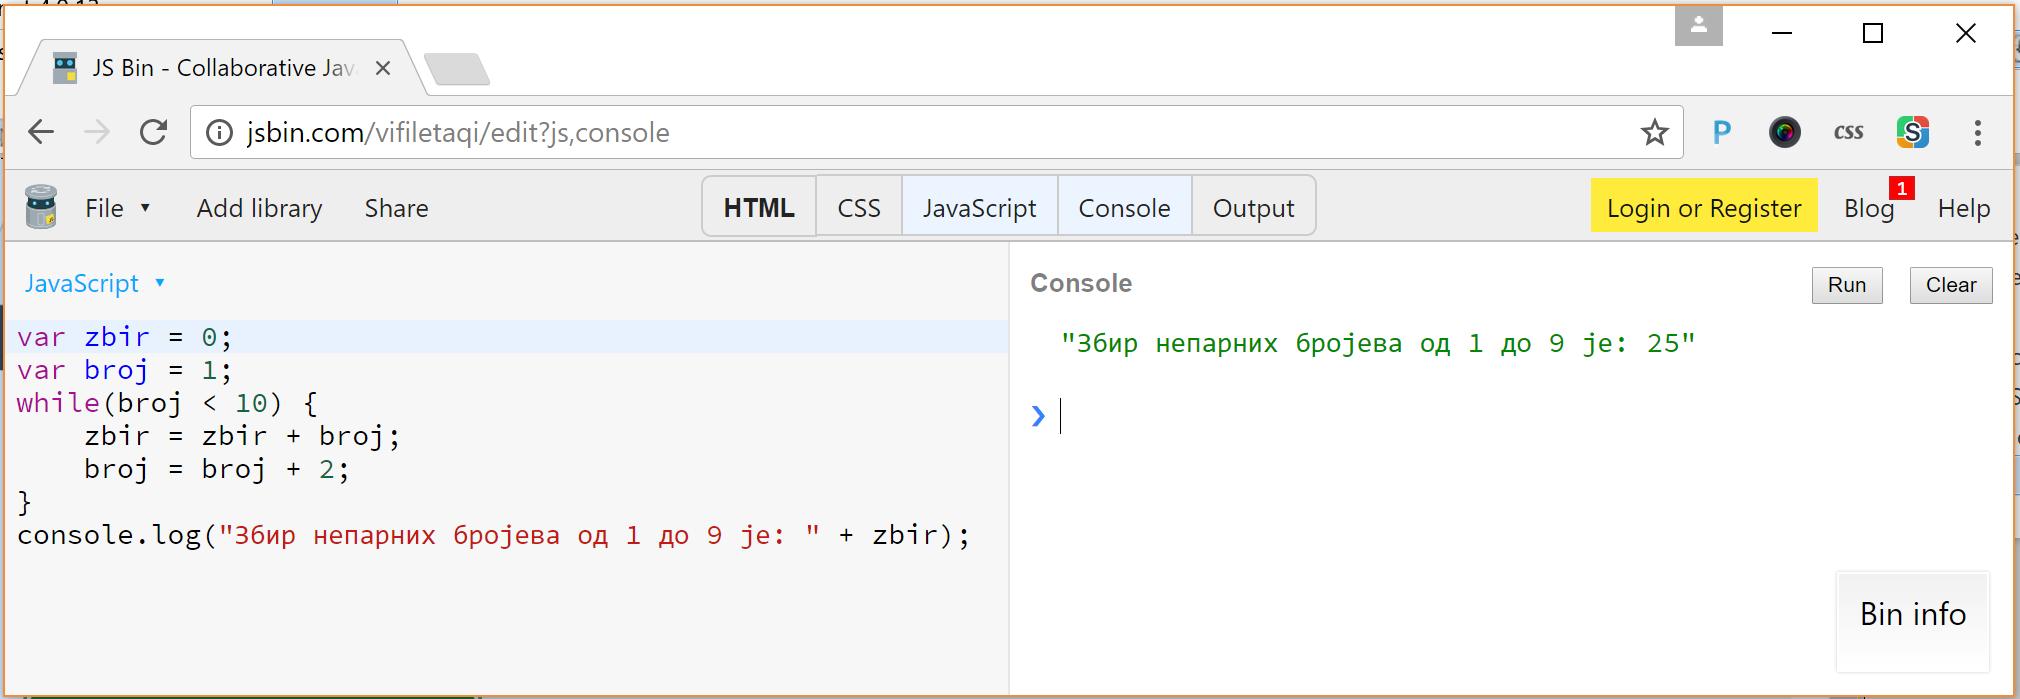 jsBin sajt na kome možete da unesete JavaScript kod